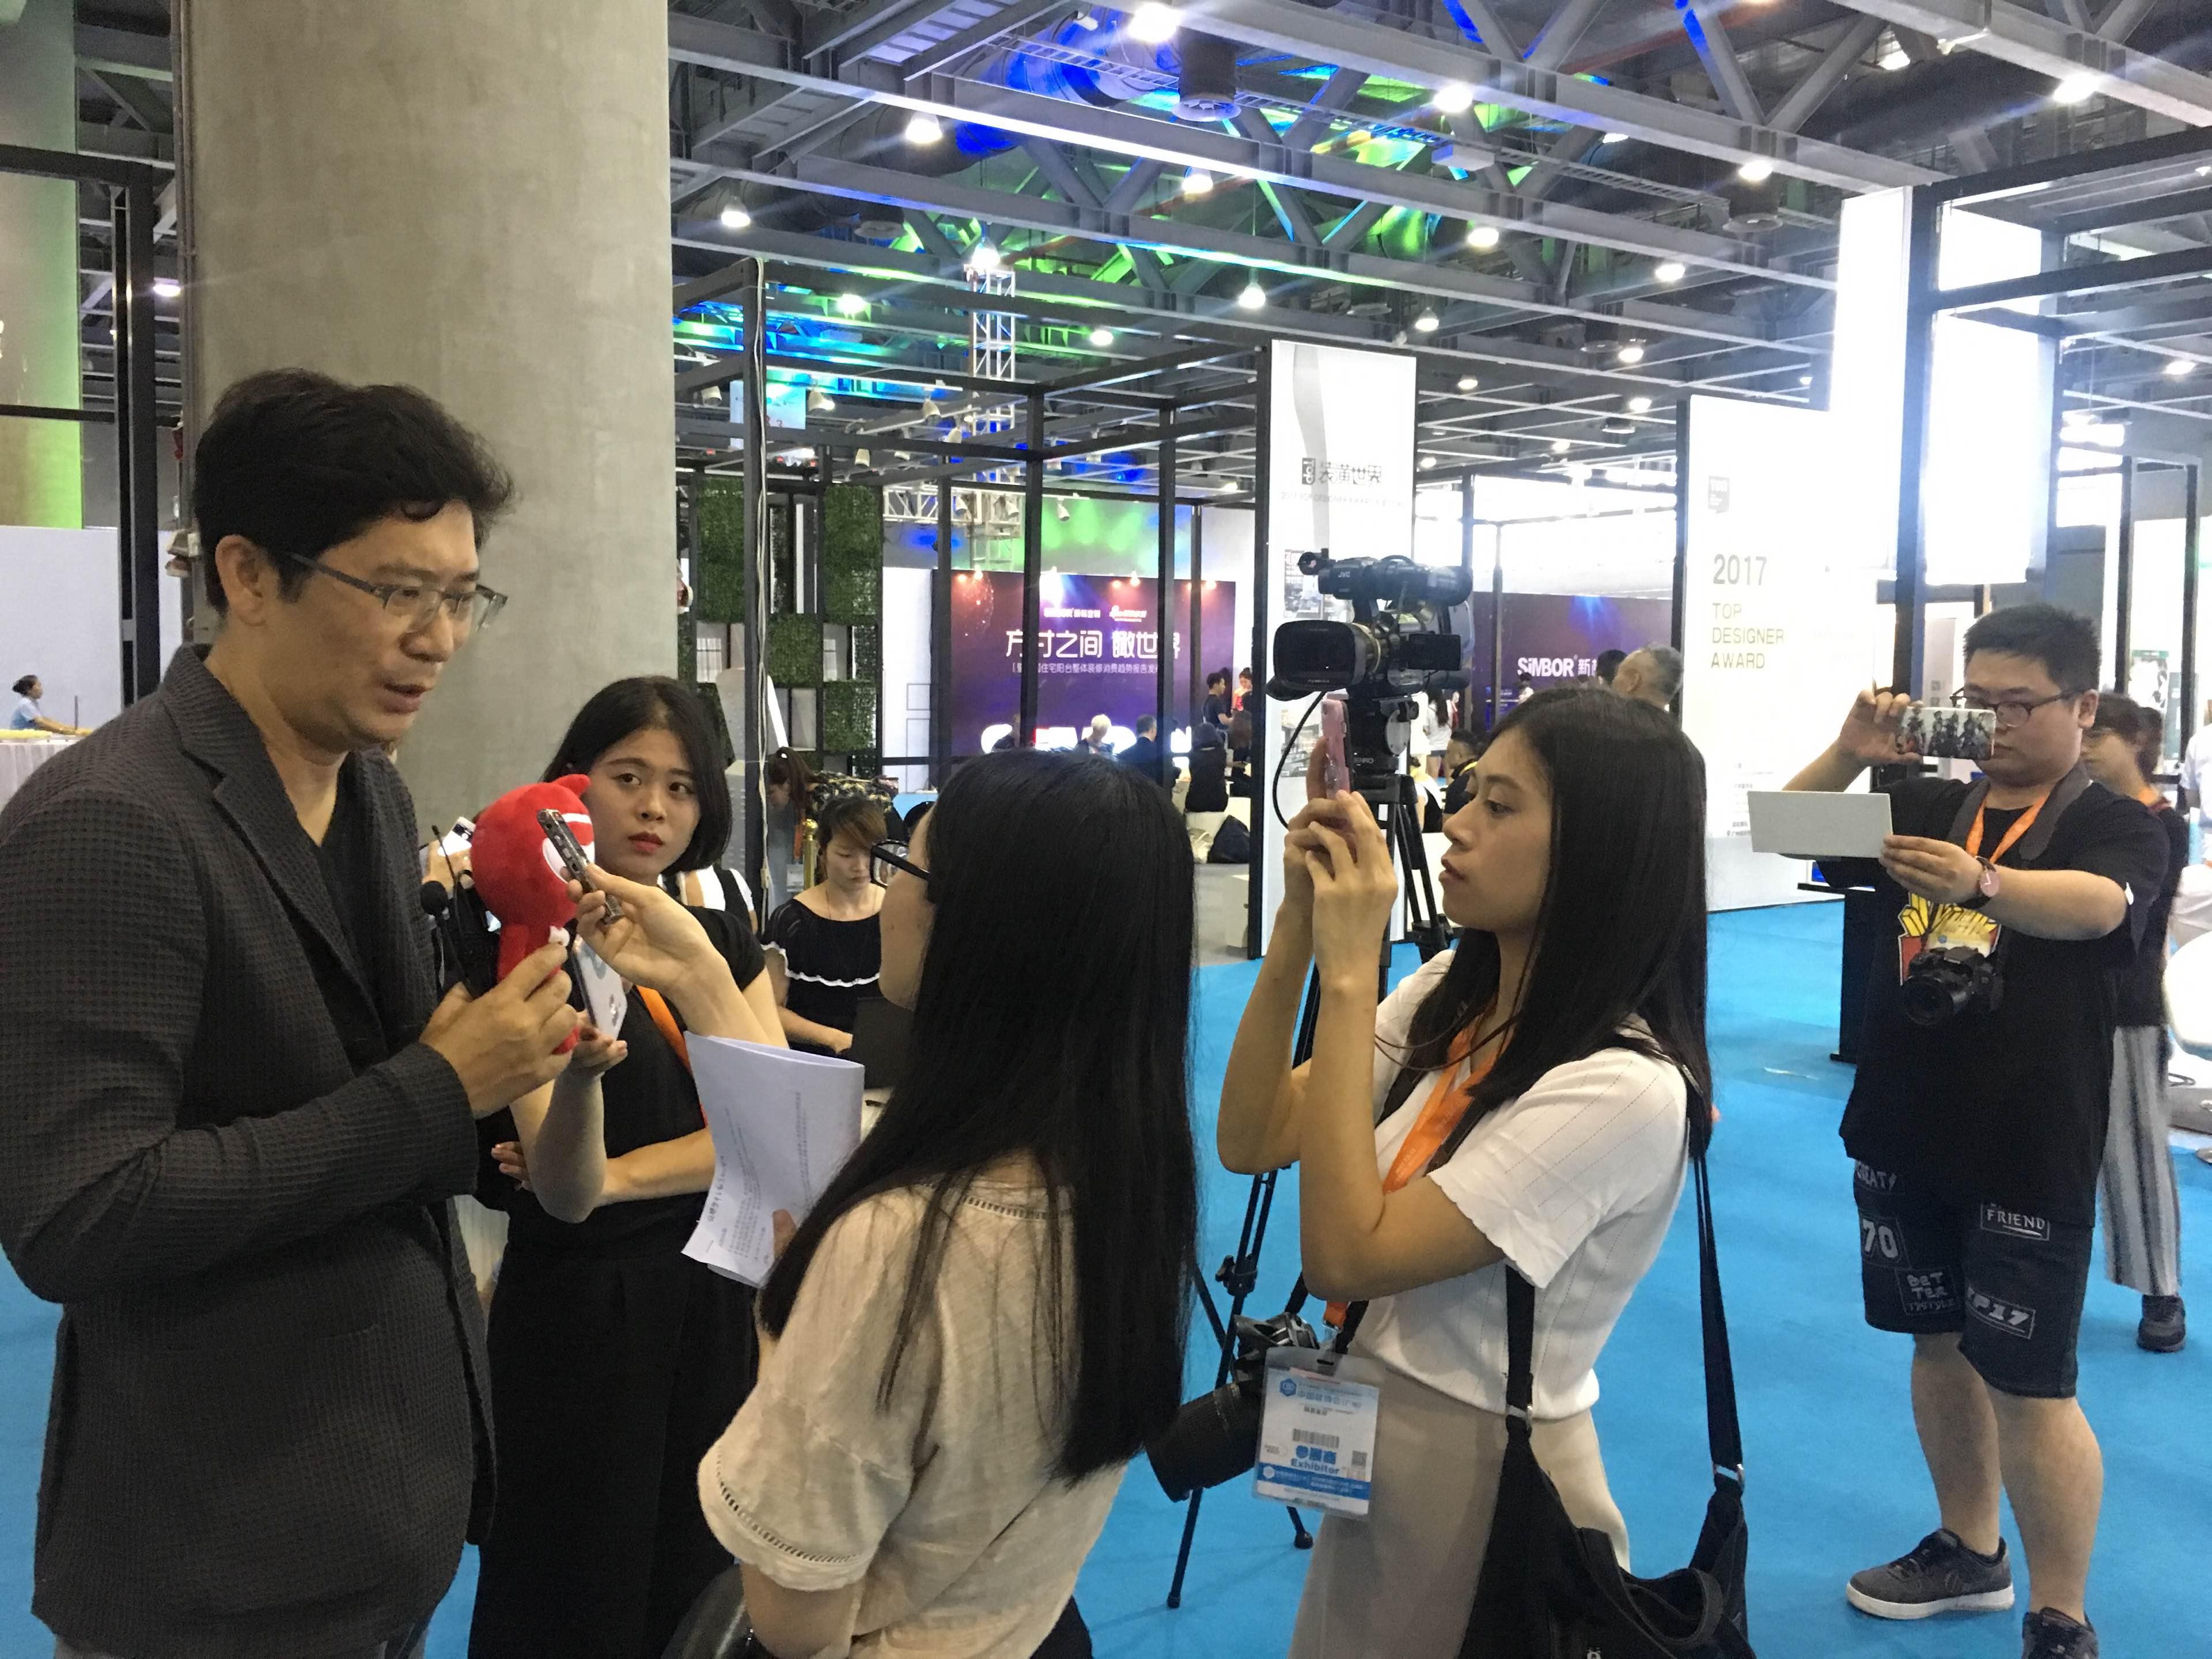 姜峰接受采访